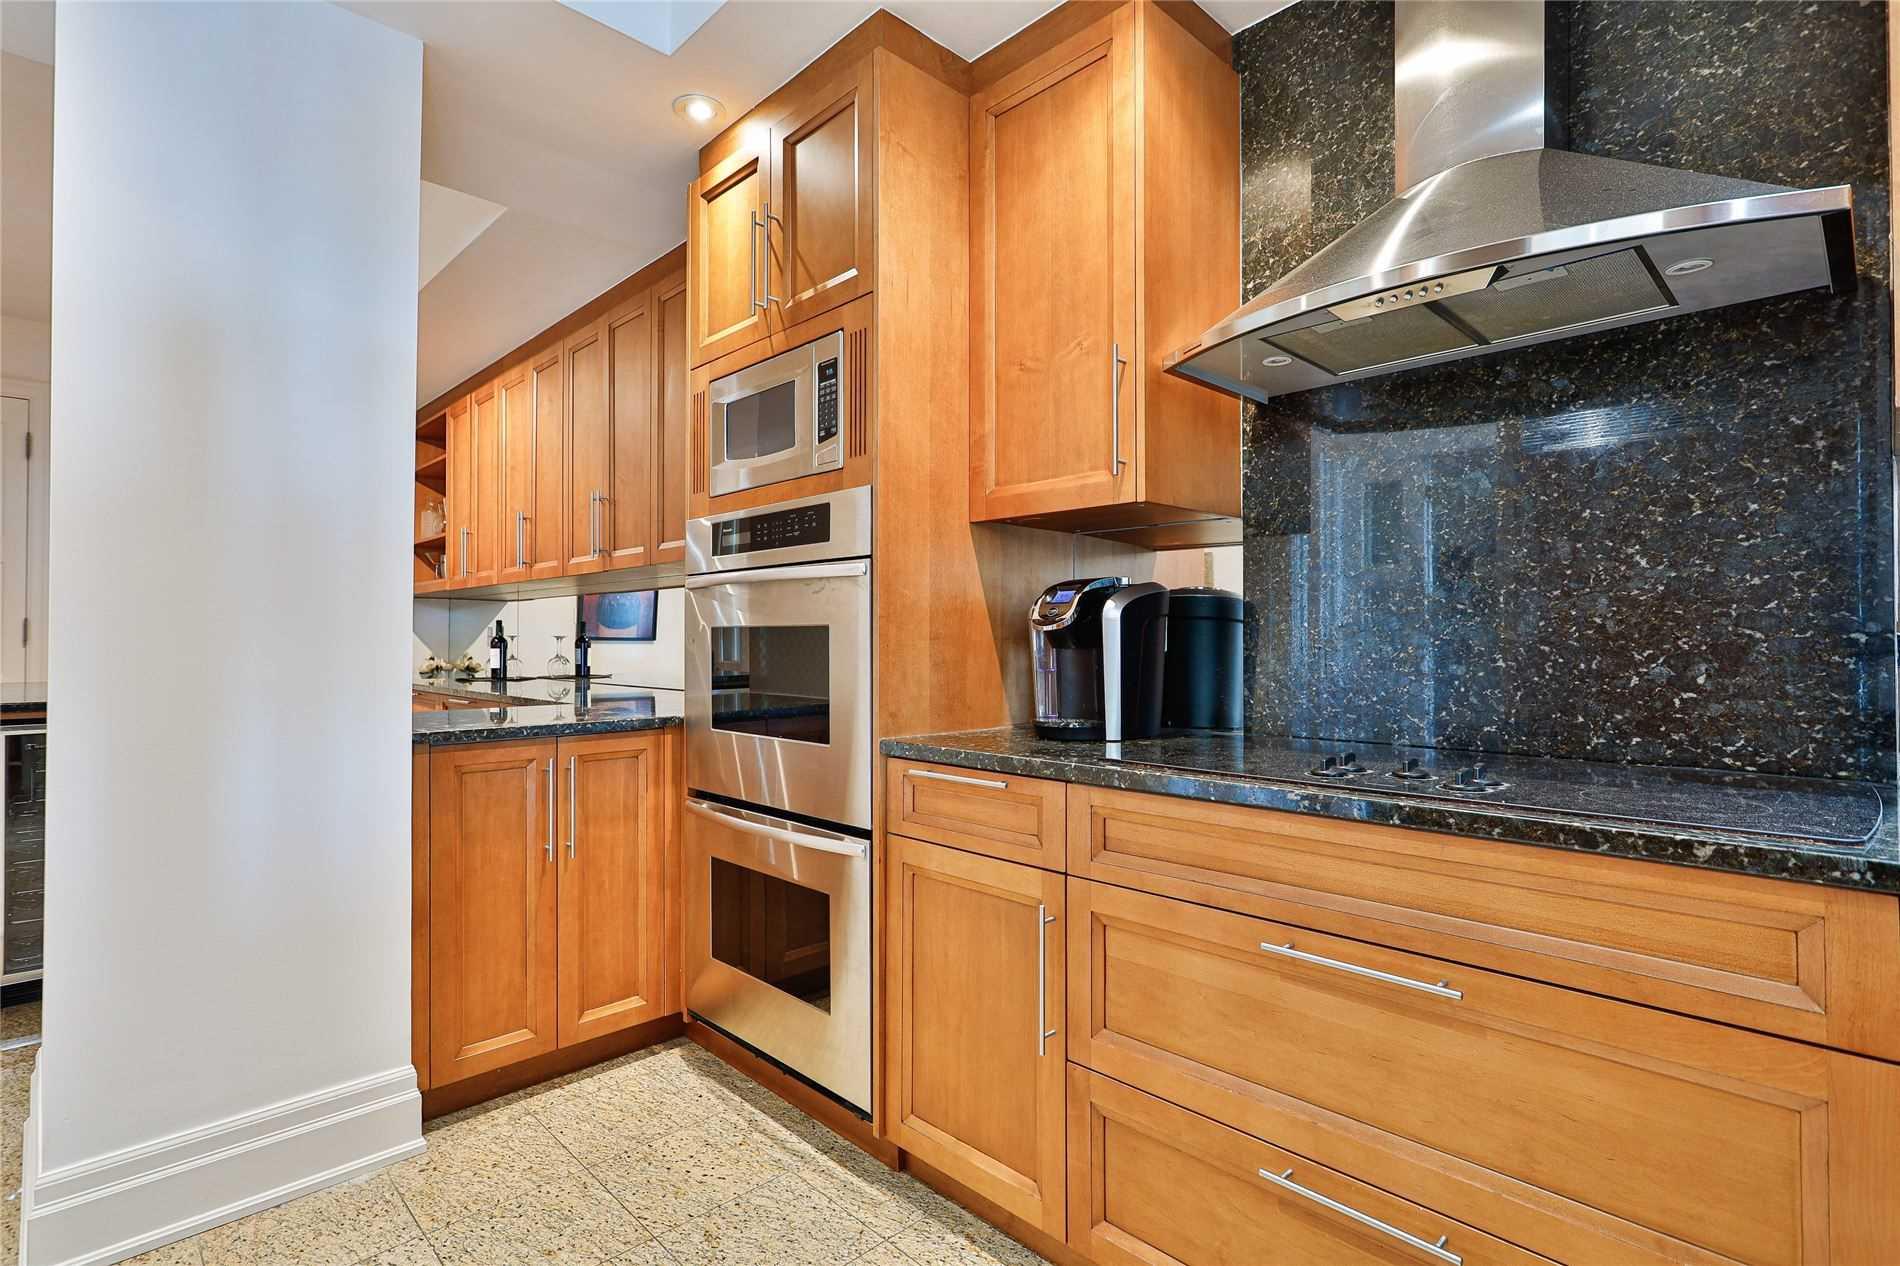 317 - 2095 Lake Shore Blvd W - Mimico Condo Apt for sale, 2 Bedrooms (W5369727) - #14